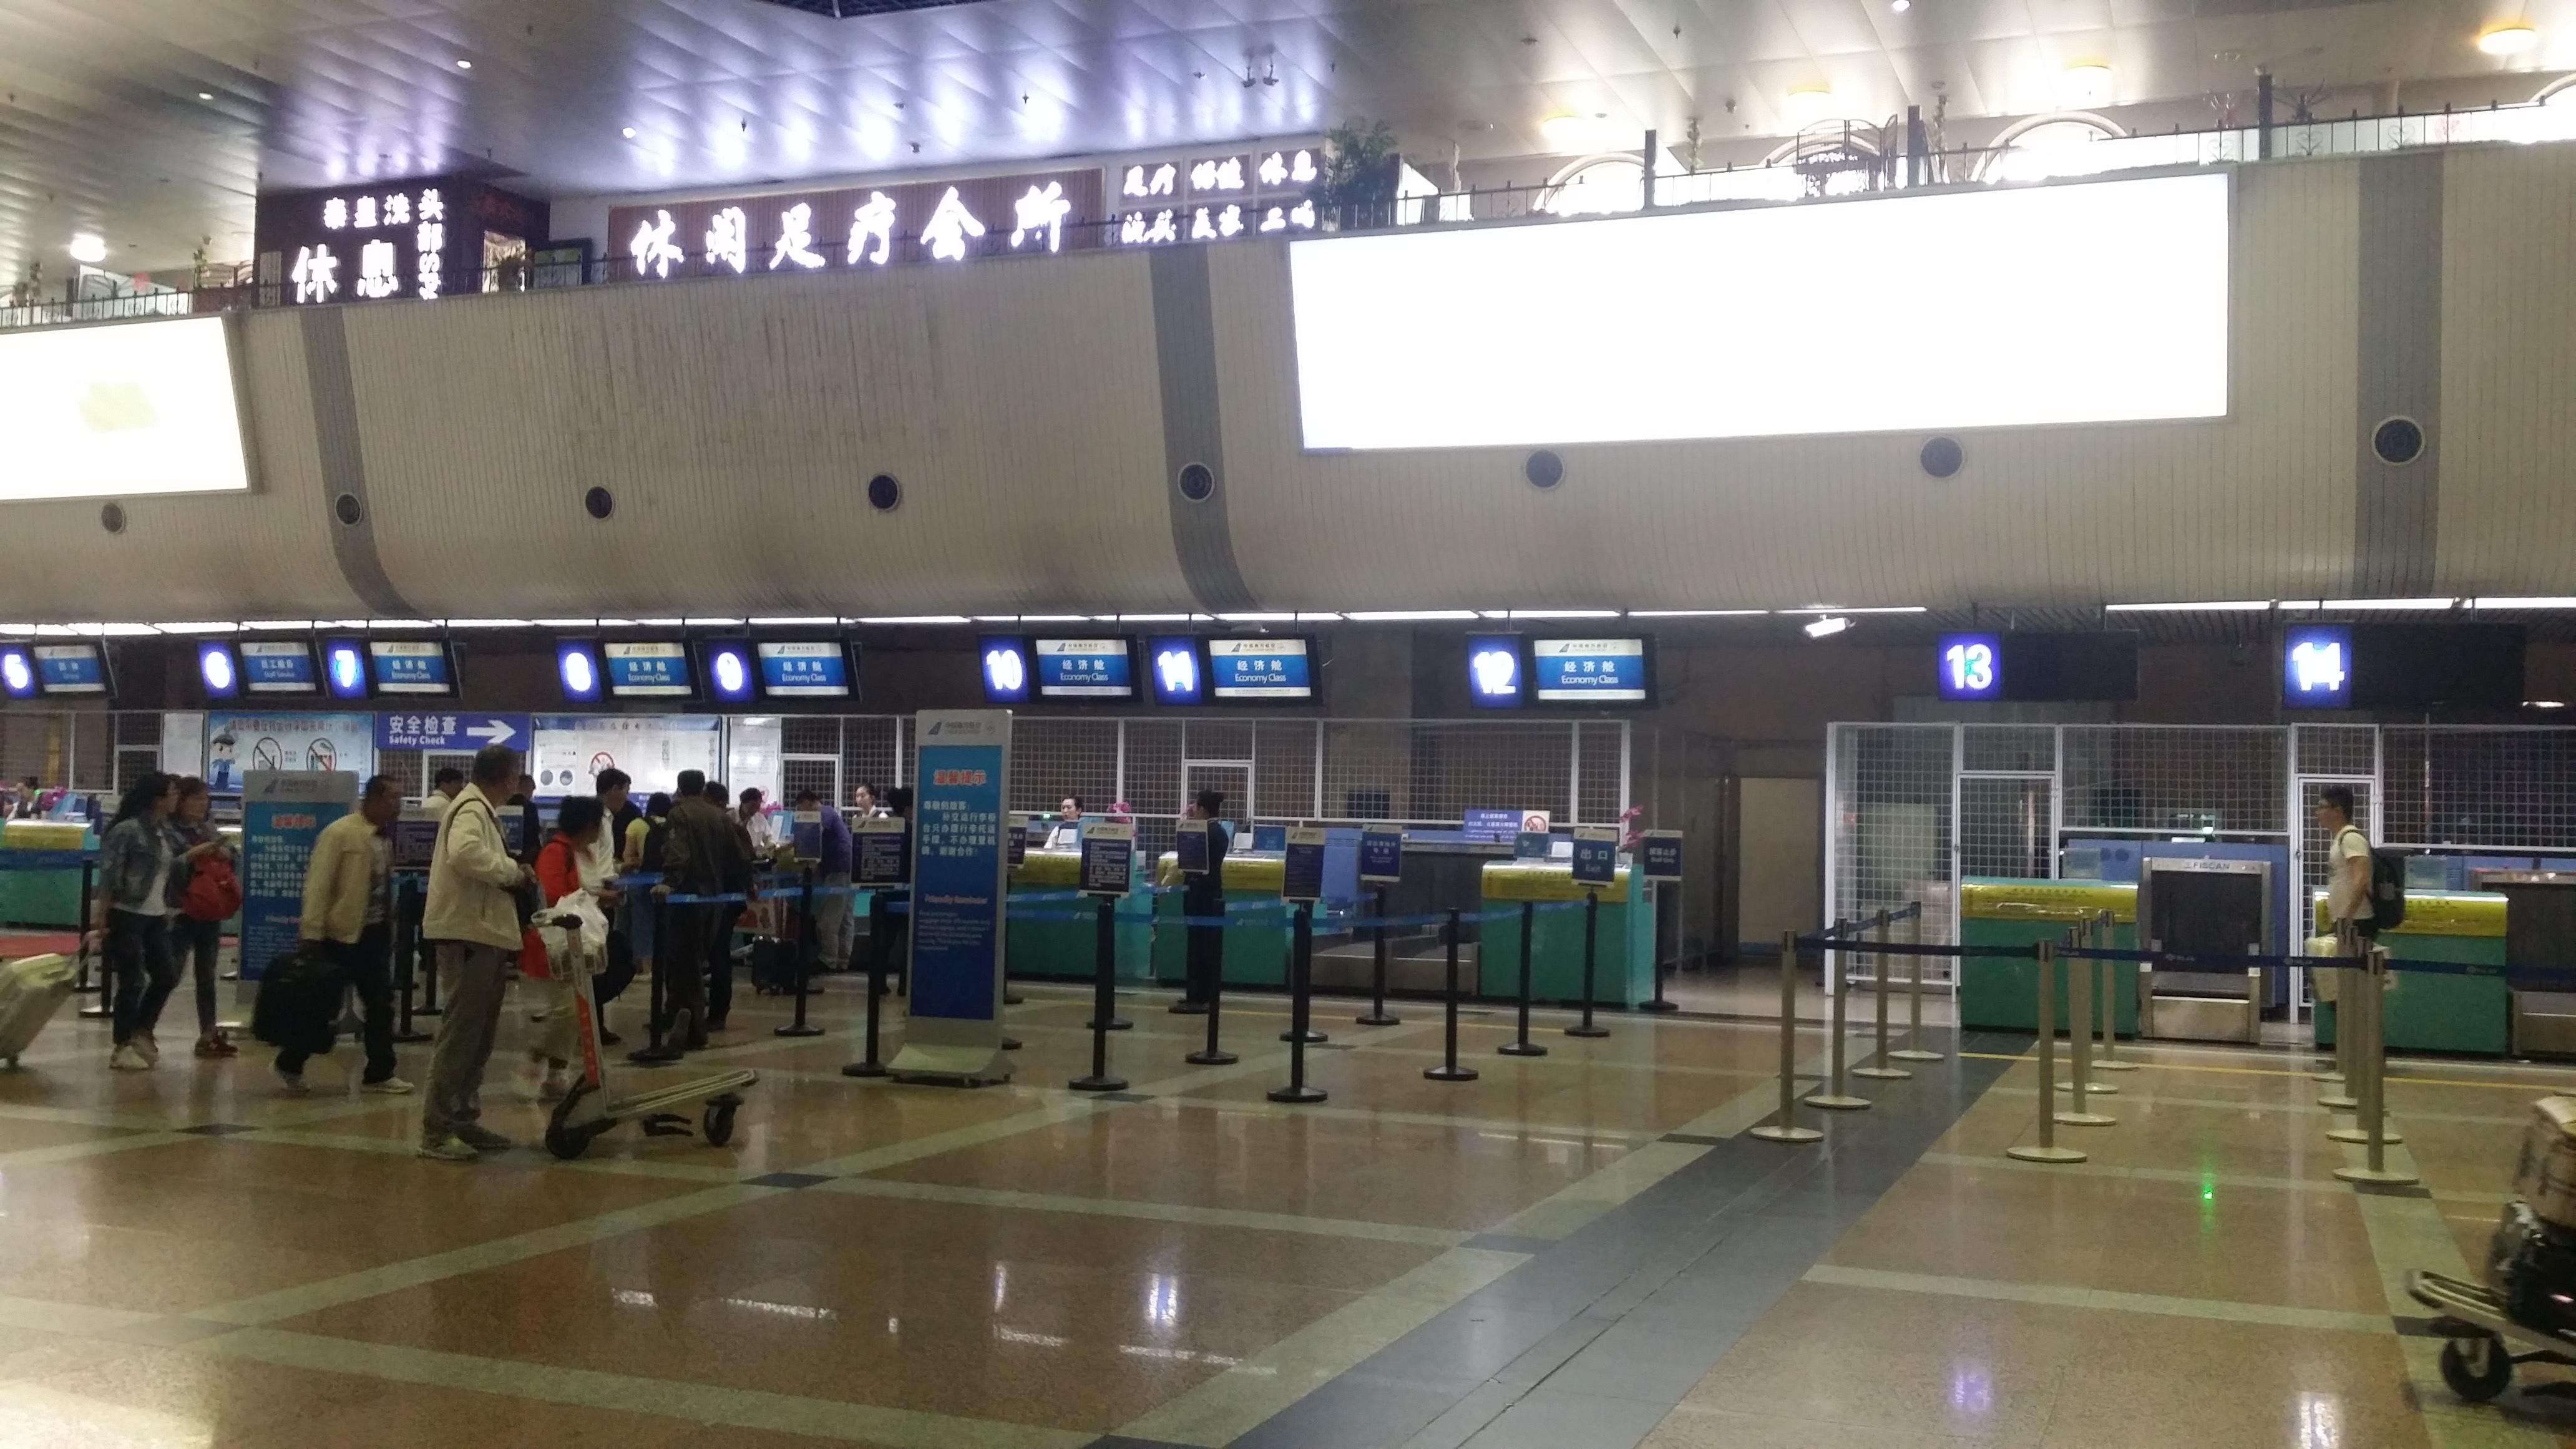 机场安检工资_哈尔滨机场安检情况怎么样啊??-哈尔滨机场过完安检还让出去吗